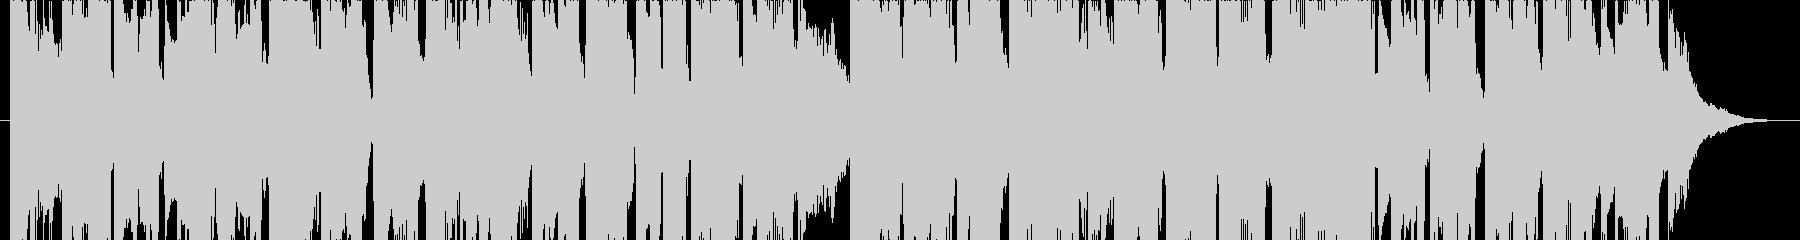 クリスタルバックル。の未再生の波形